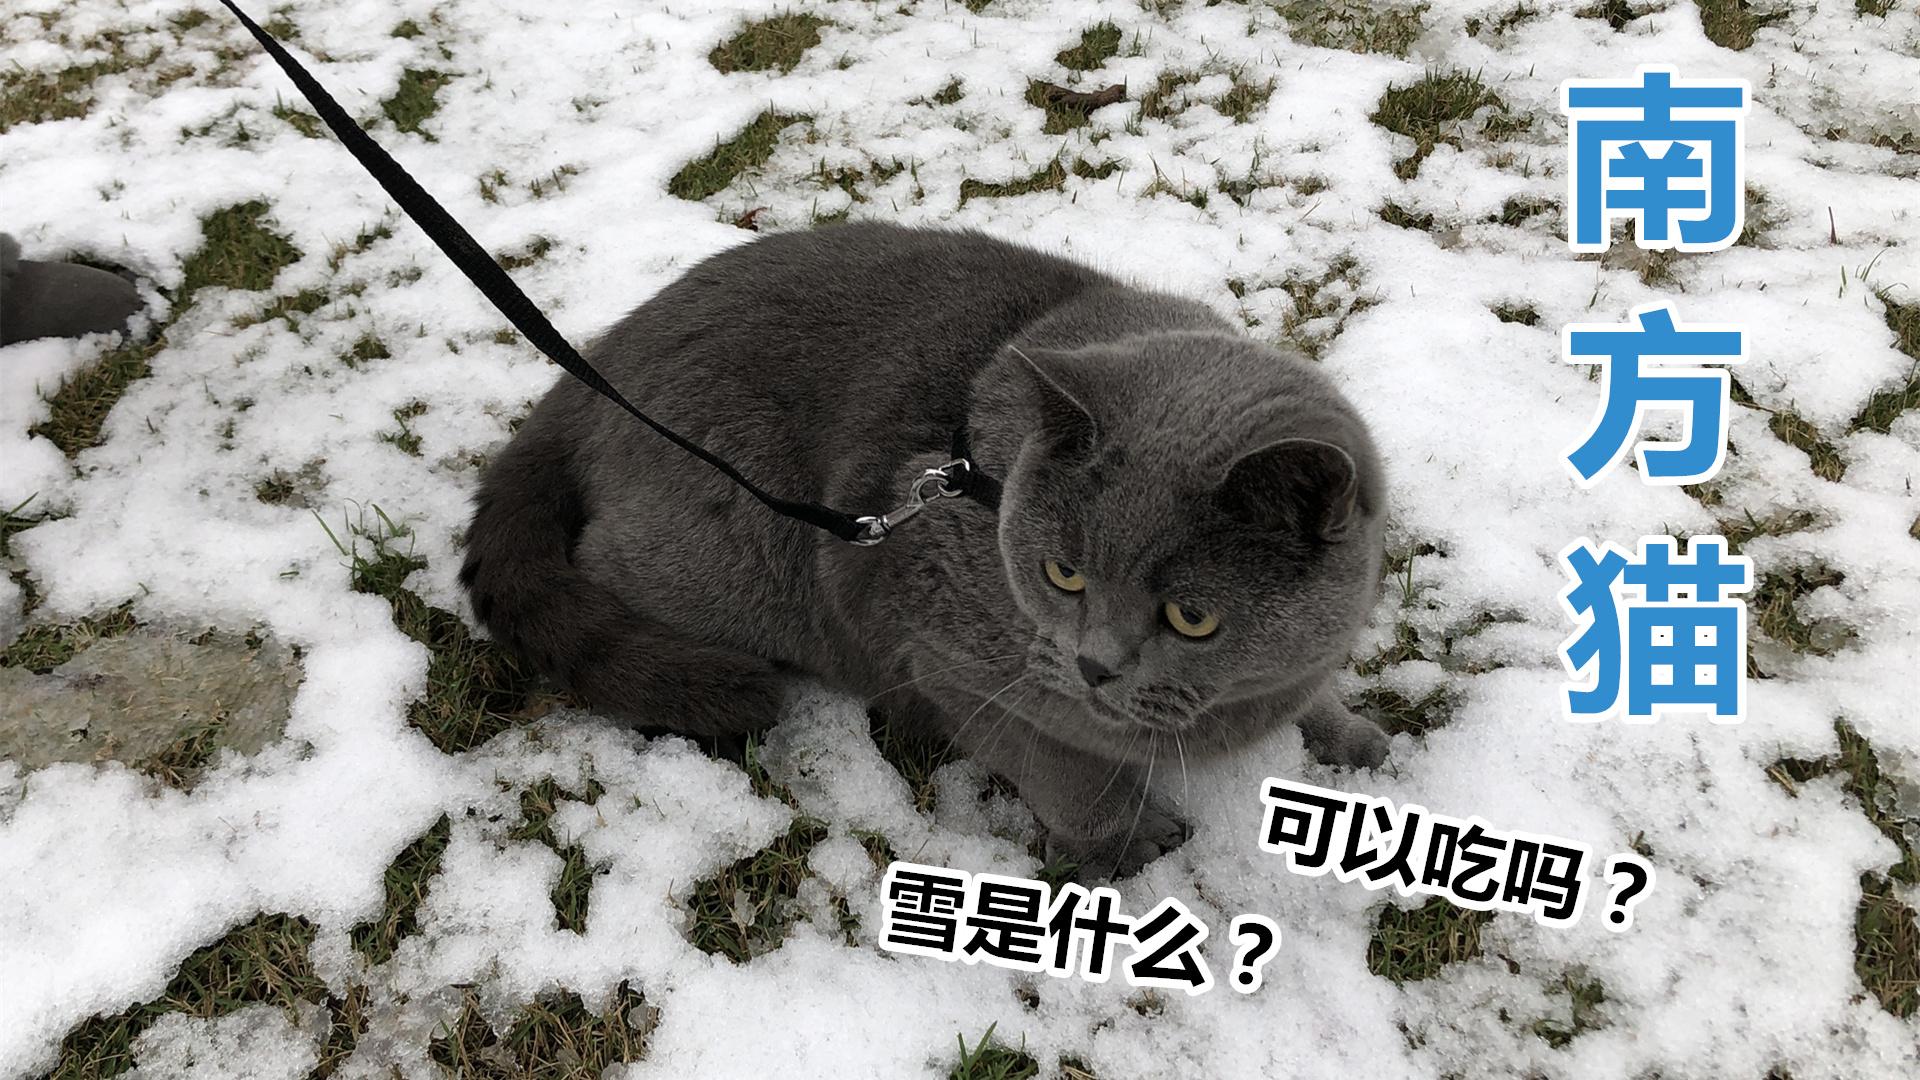 南方人带着猫第一次去玩雪,这人是很激动,猫怕是冻傻了?